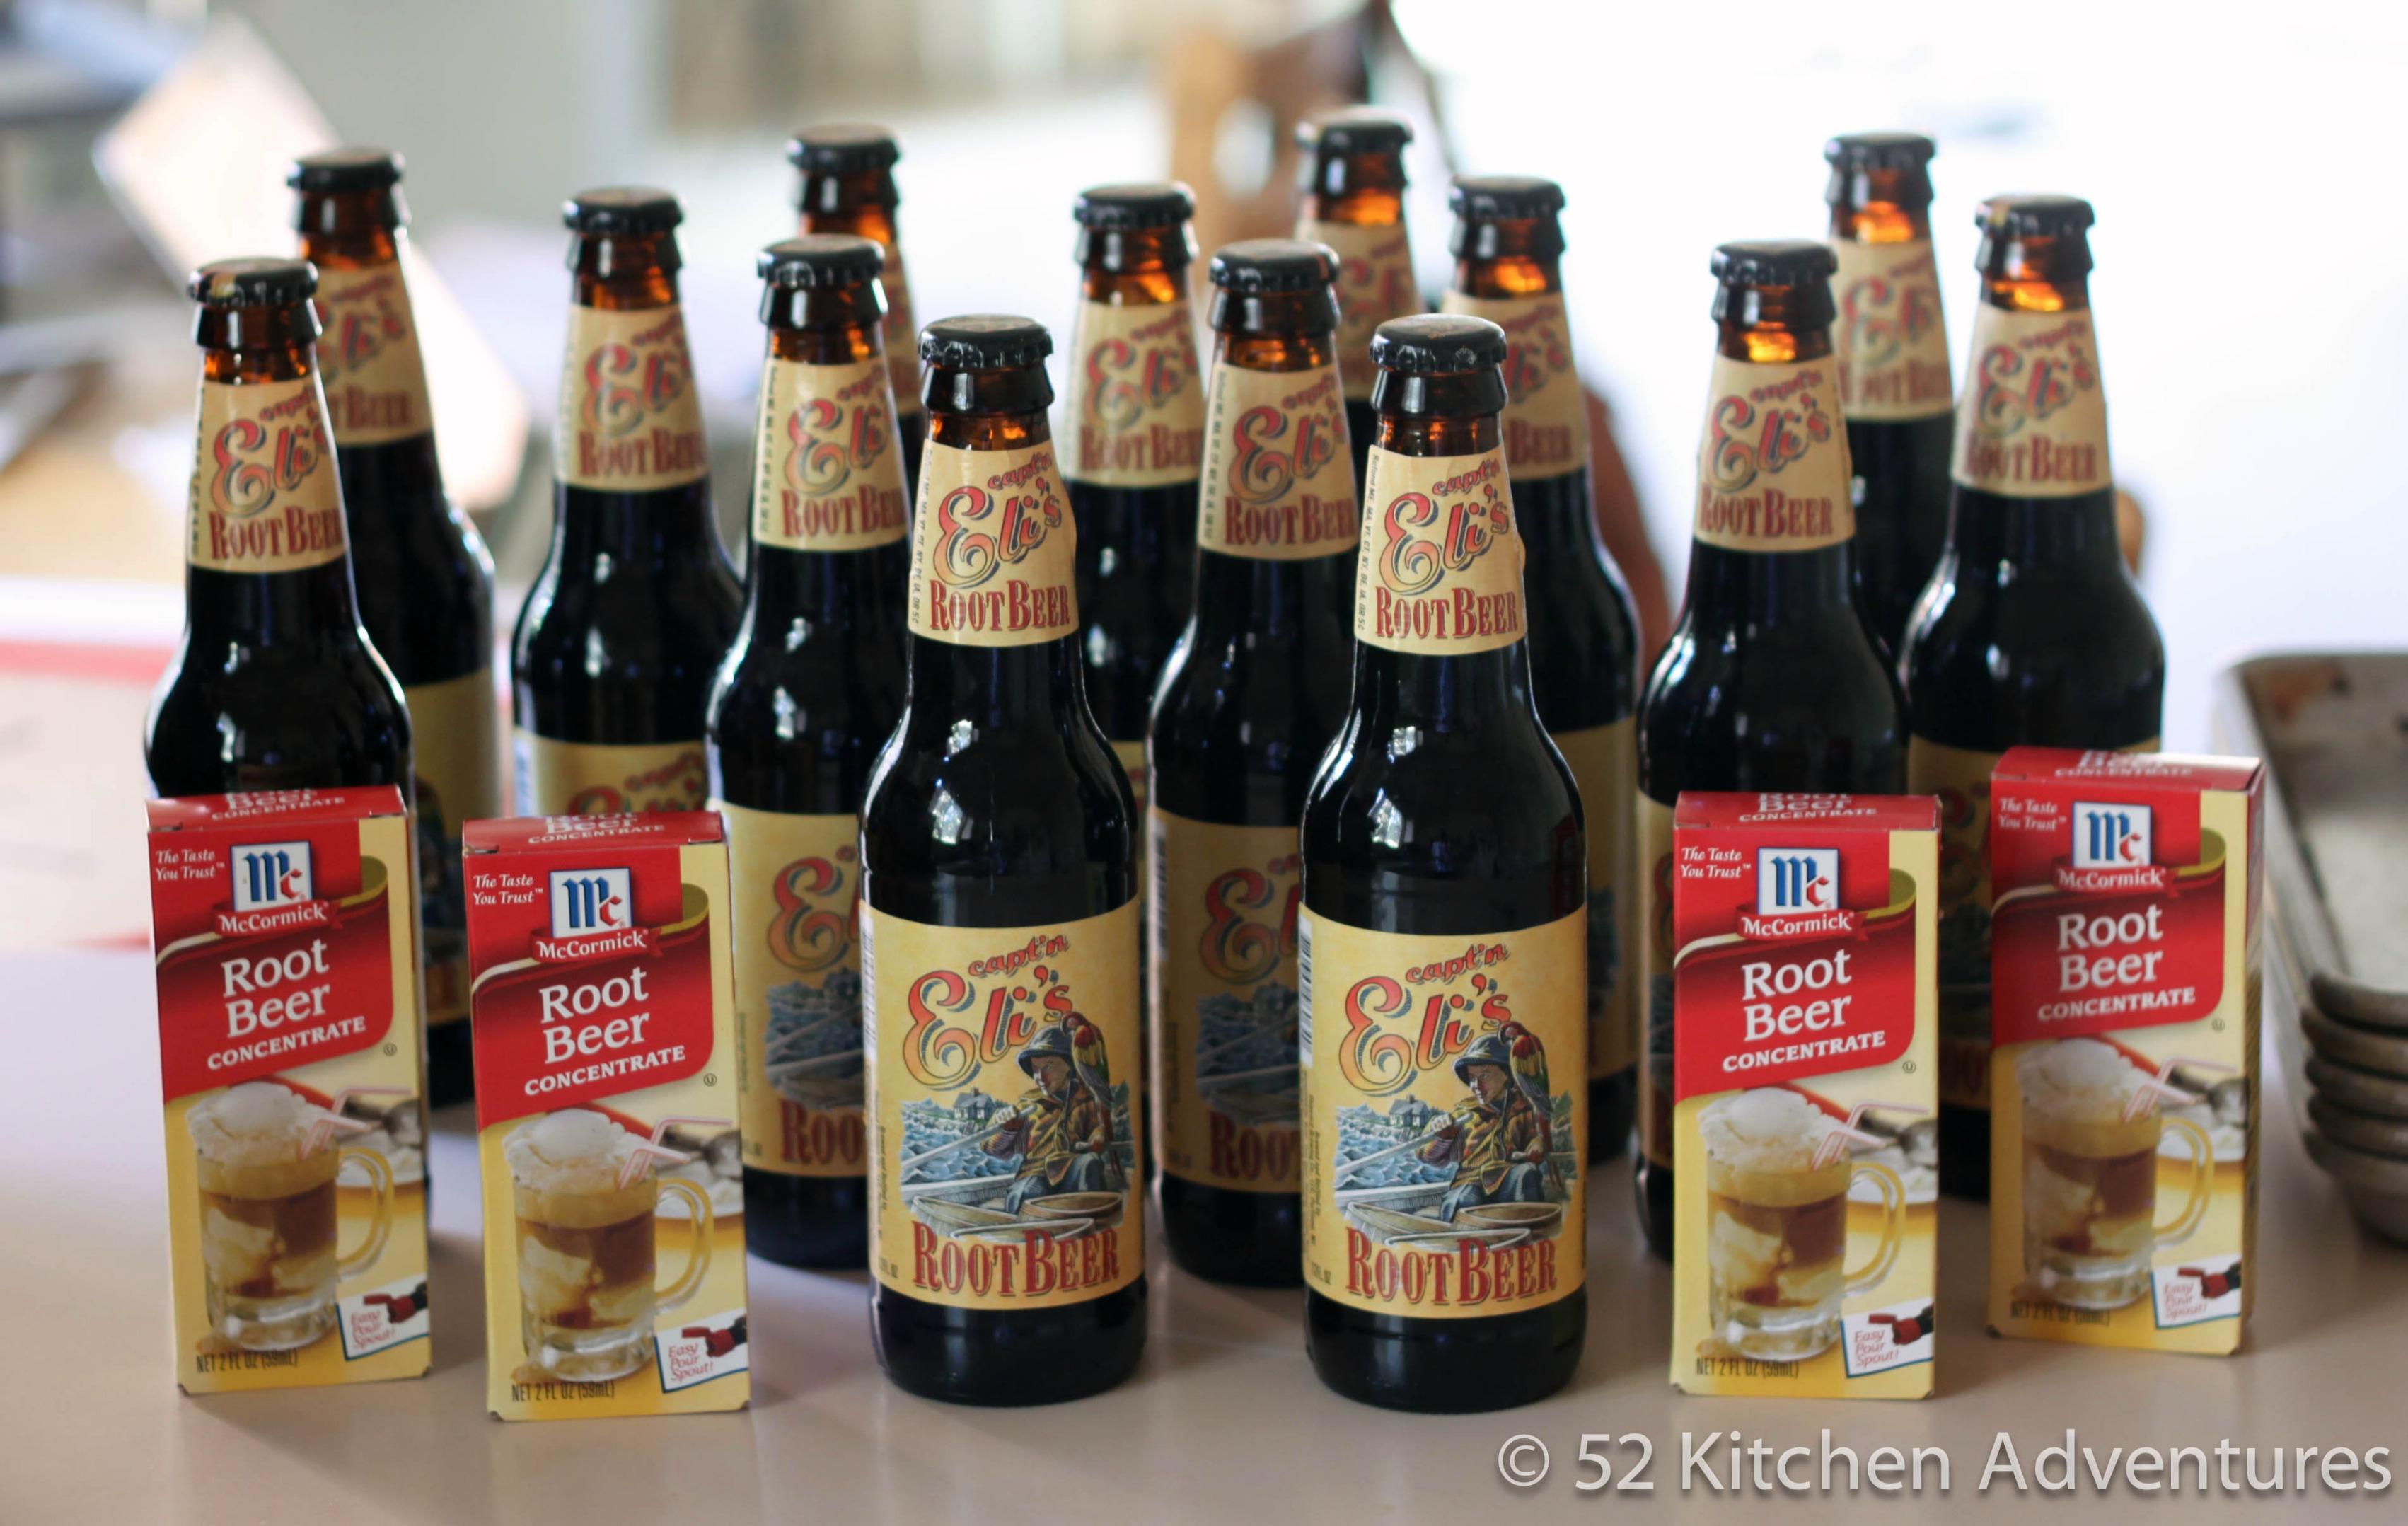 Capt'n Eli's Root Beer